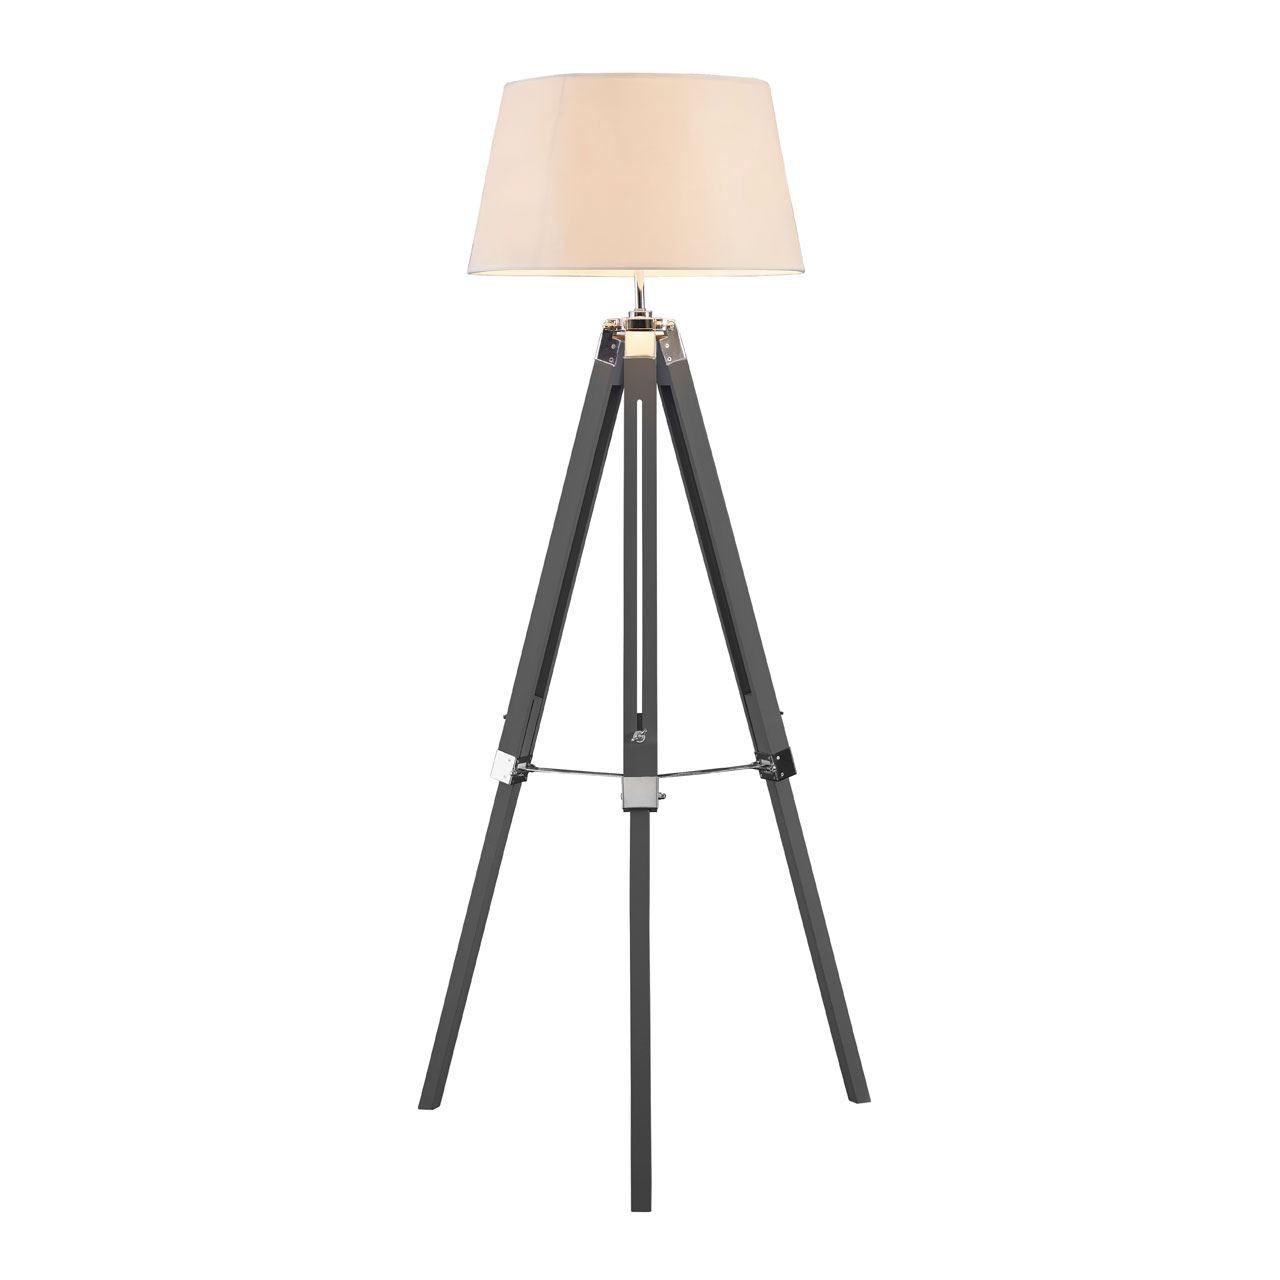 Bailey Floor Lamp, Grey / Tripod